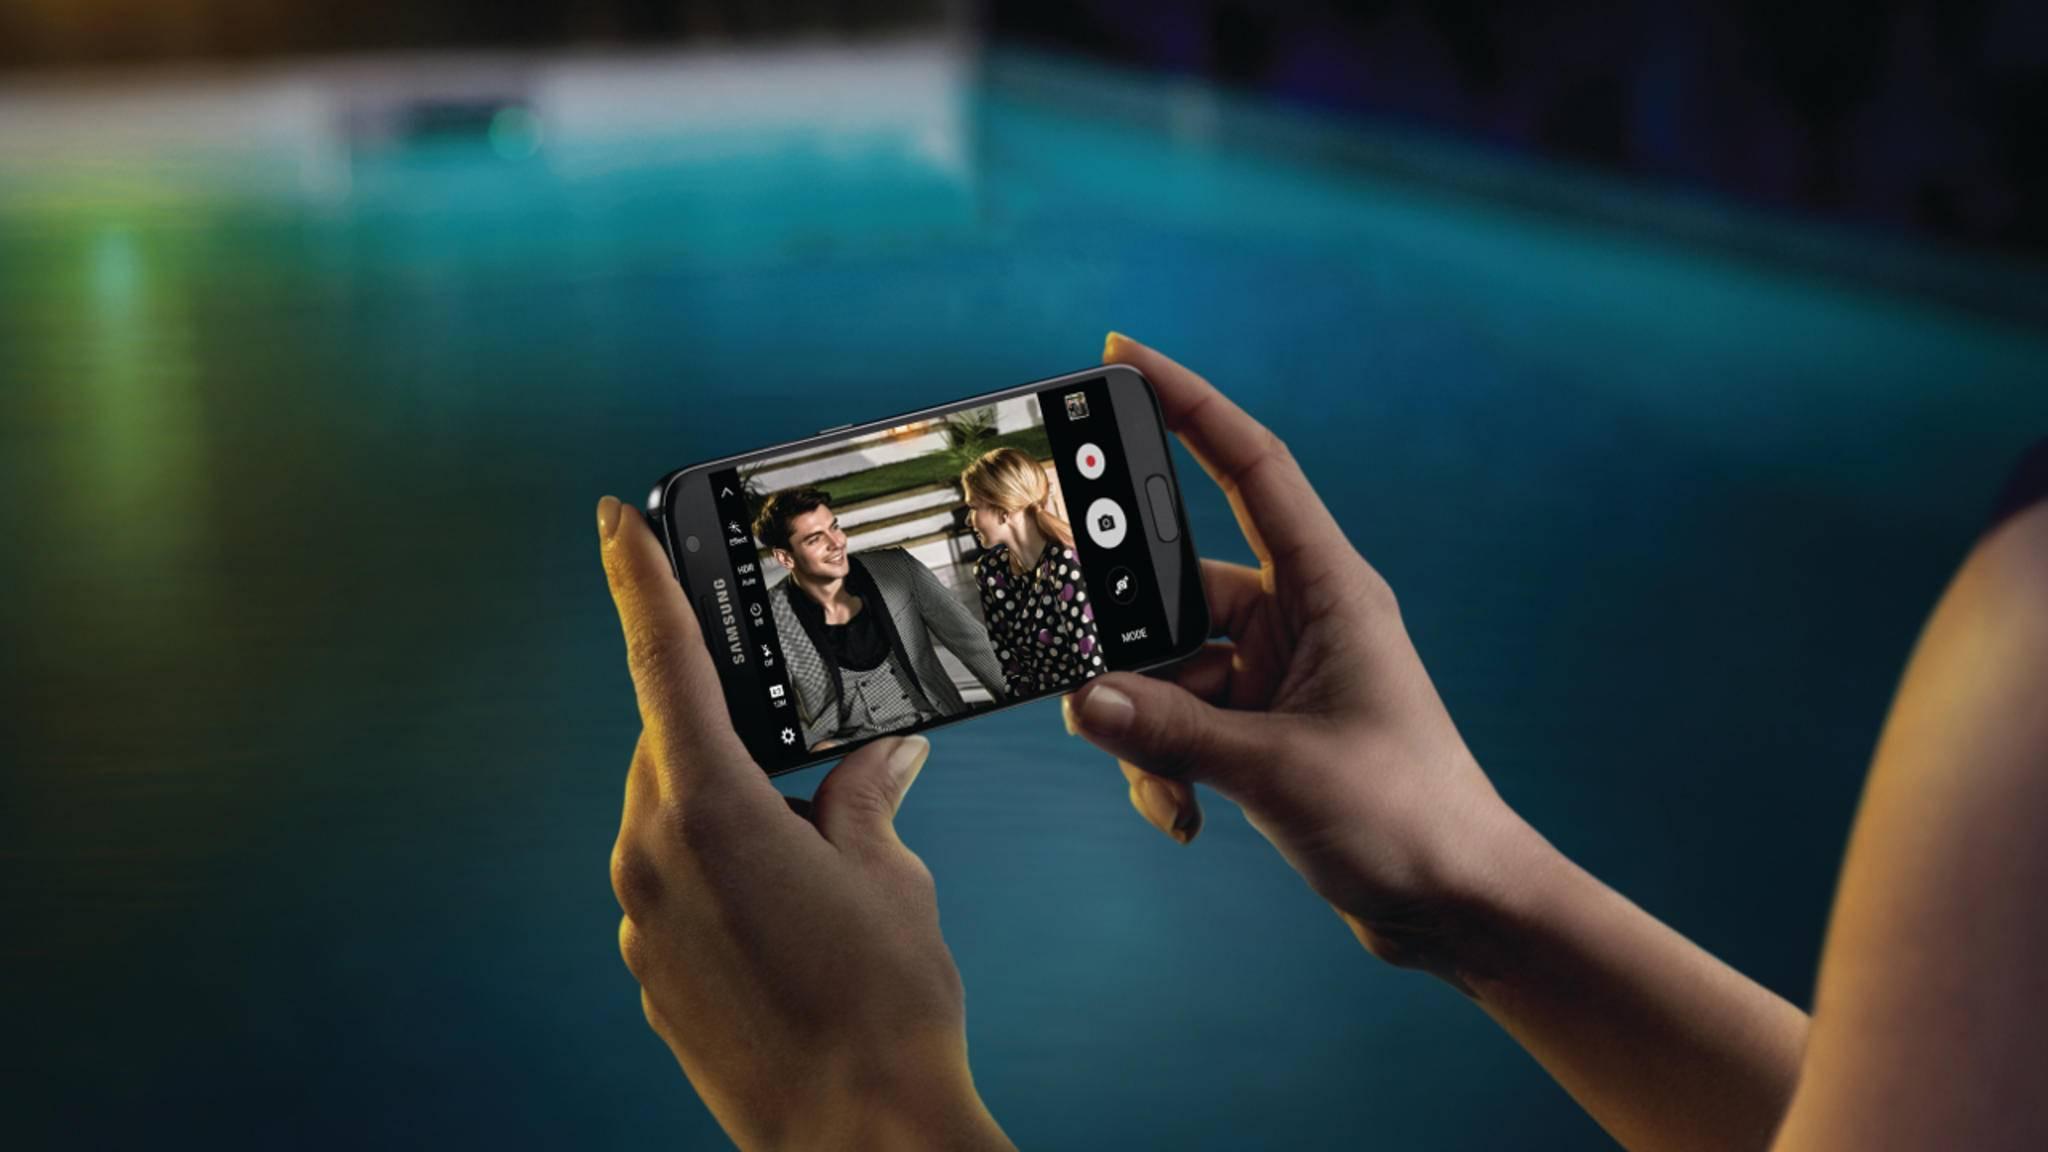 Android 7.0 Nougat sorgt auf dem Galaxy S7 für eine bessere Kamera-App.